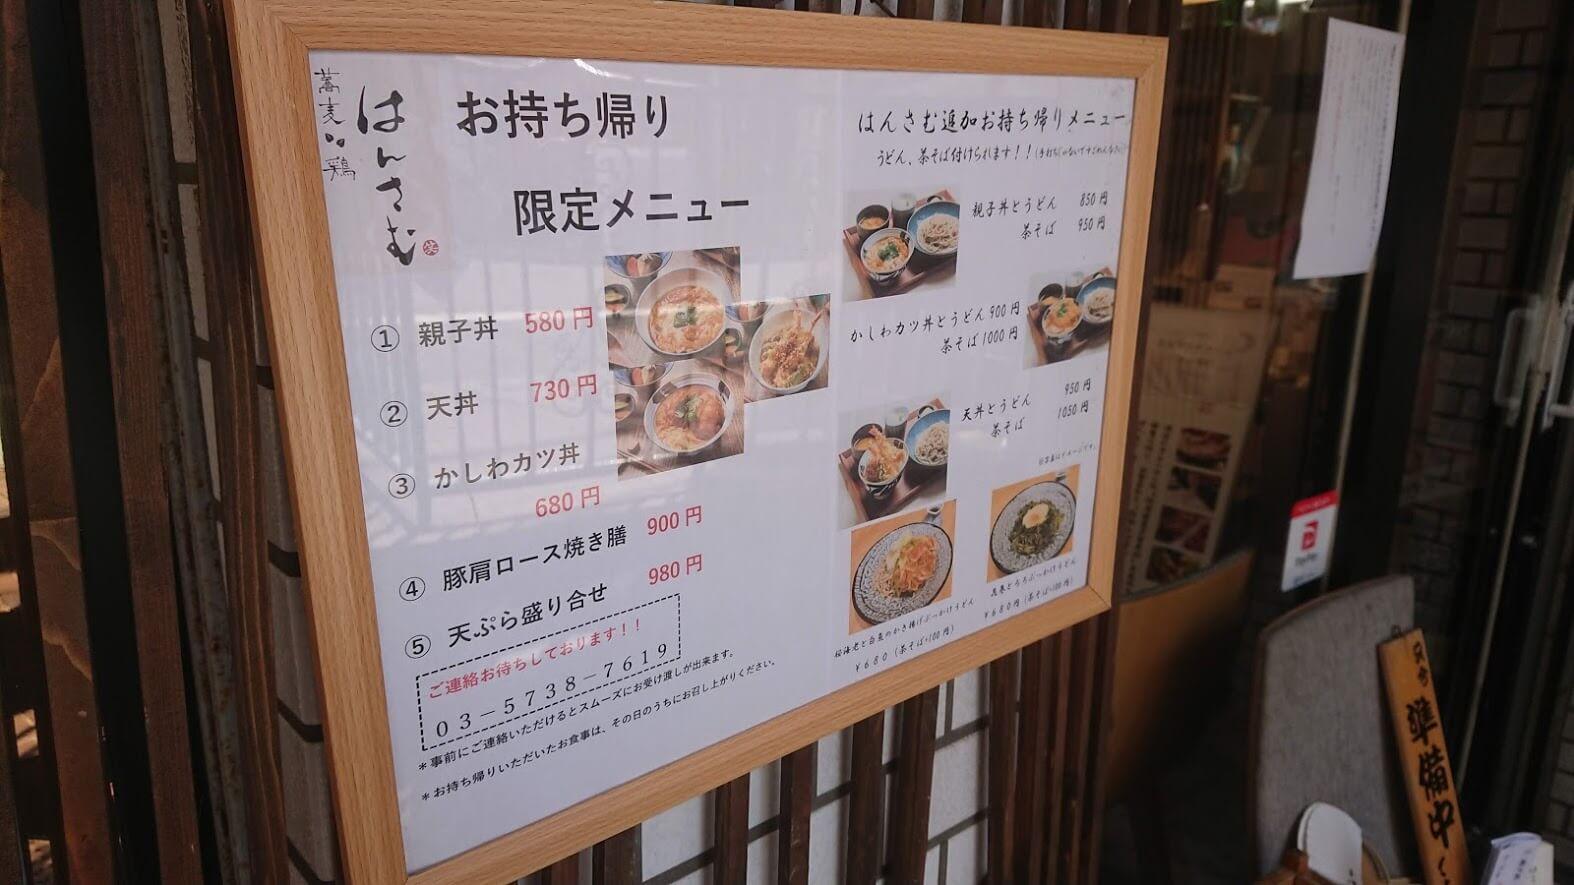 蕎麦と鶏 はんさむ 下北沢 テイクアウト写真